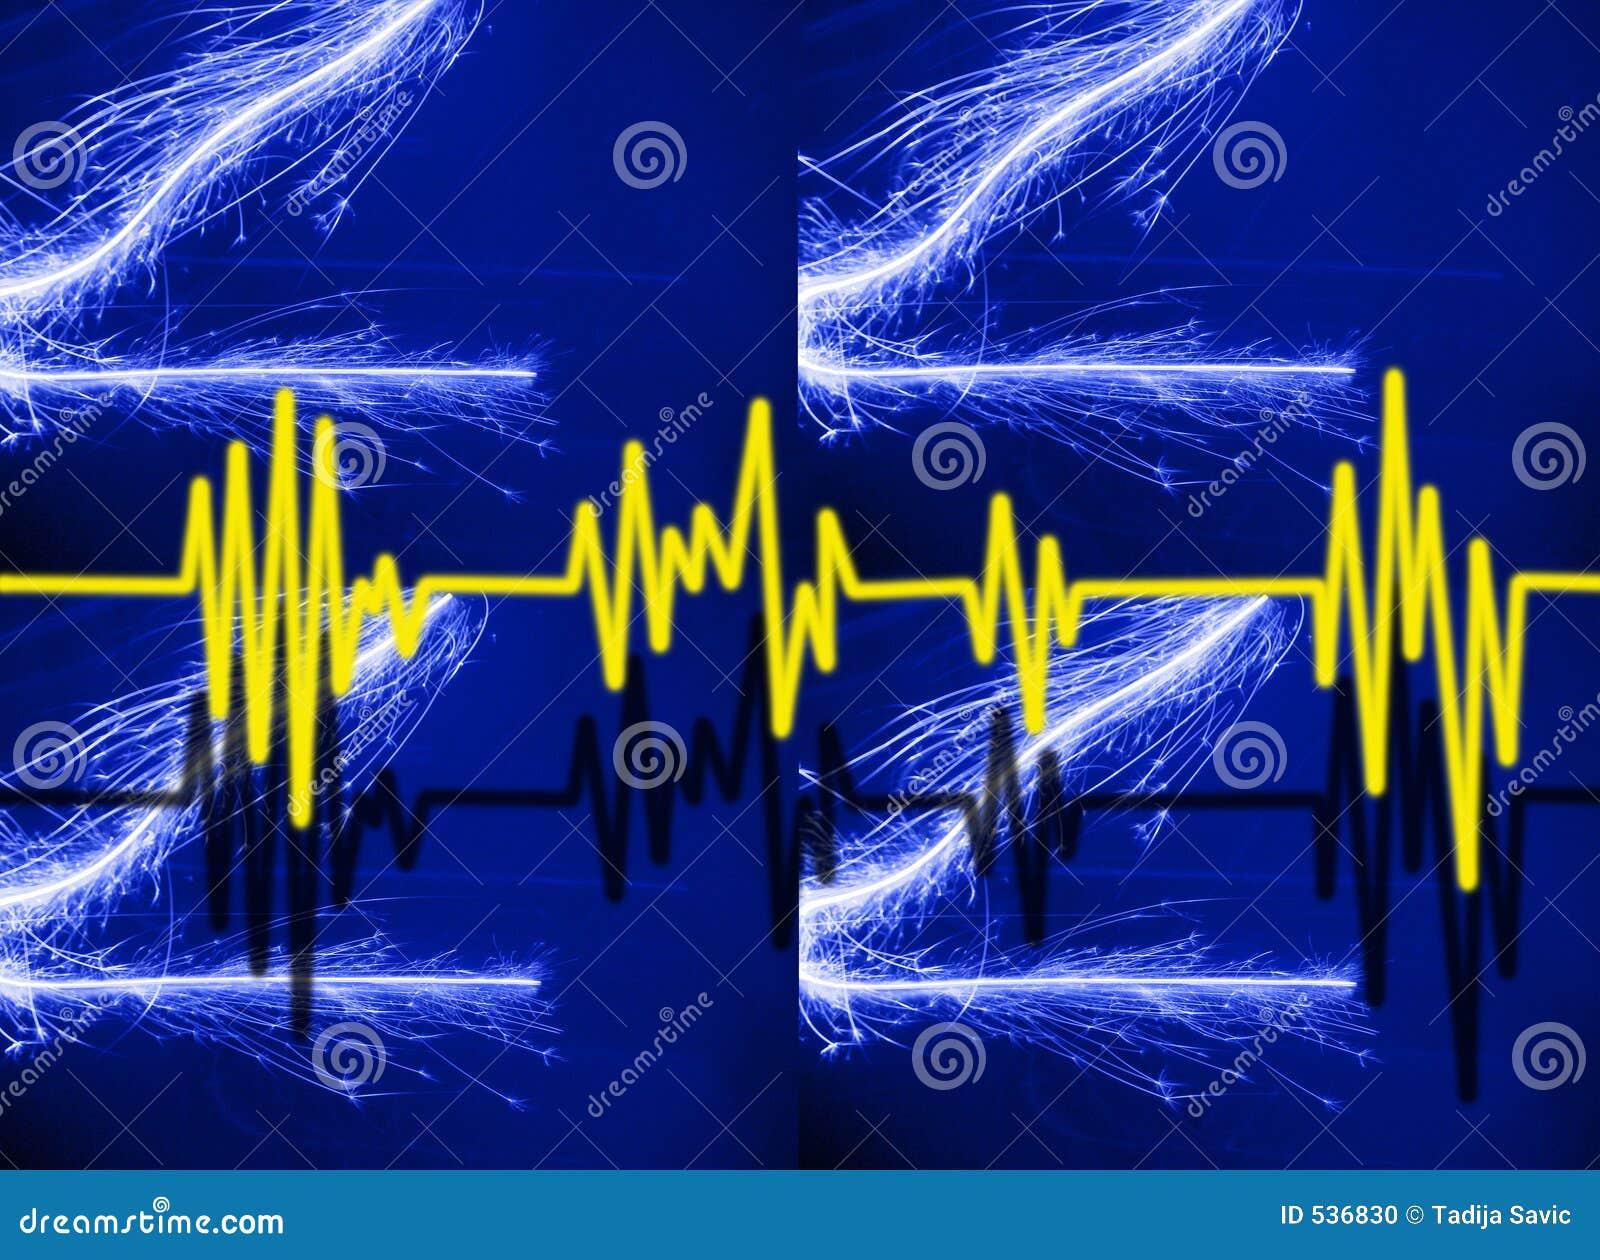 Download Chart diagram 库存例证. 插画 包括有 声音, 背包, 健康, 编码, 冲动, 字节, 缩放比例 - 536830